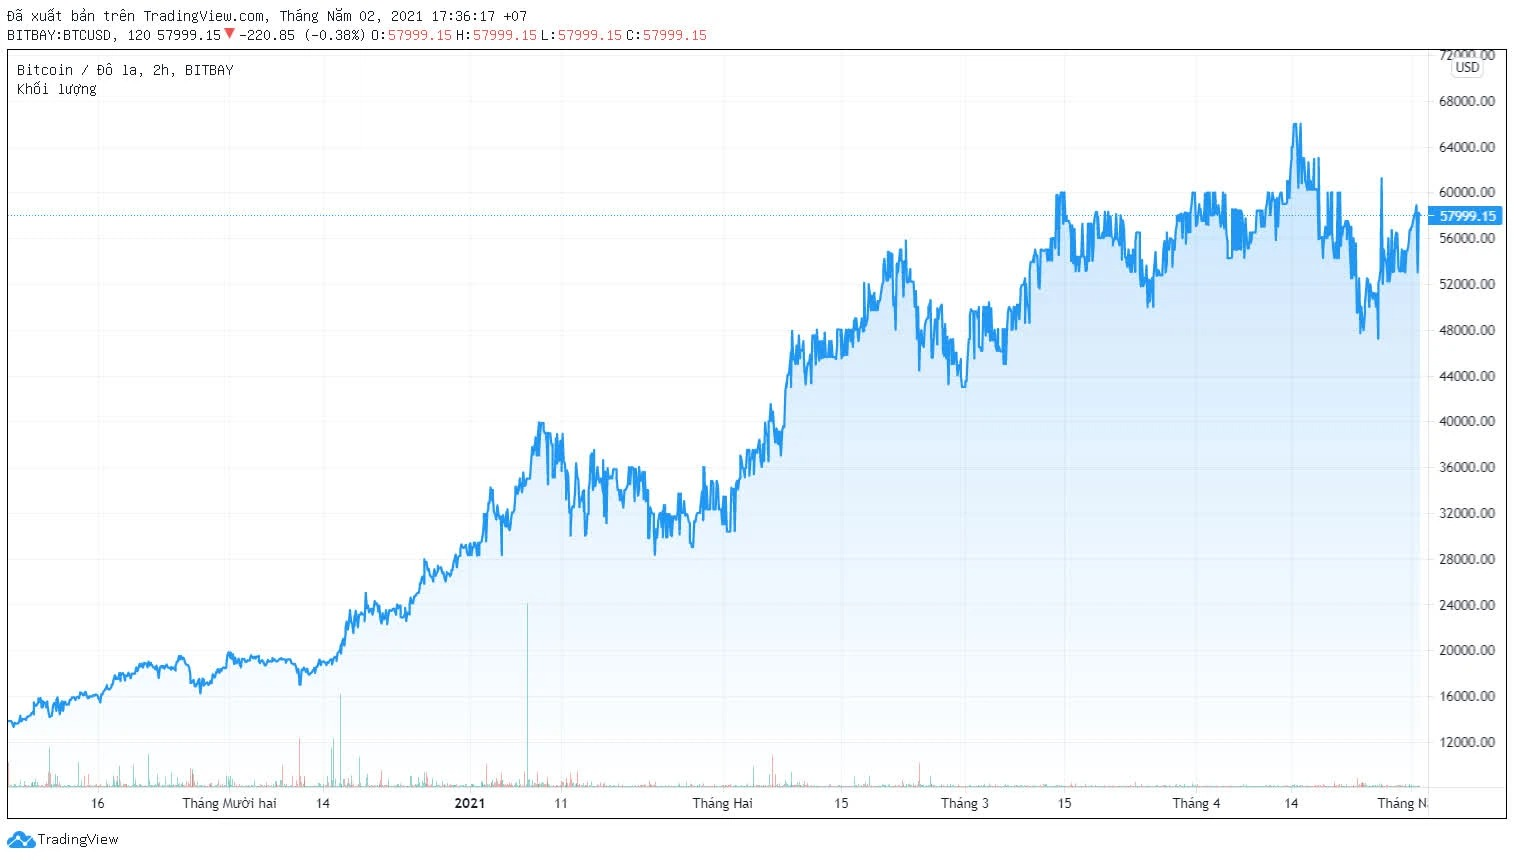 Biến động giá Bitcoin trong 6 tháng gần đây. (Nguồn: TradingView).